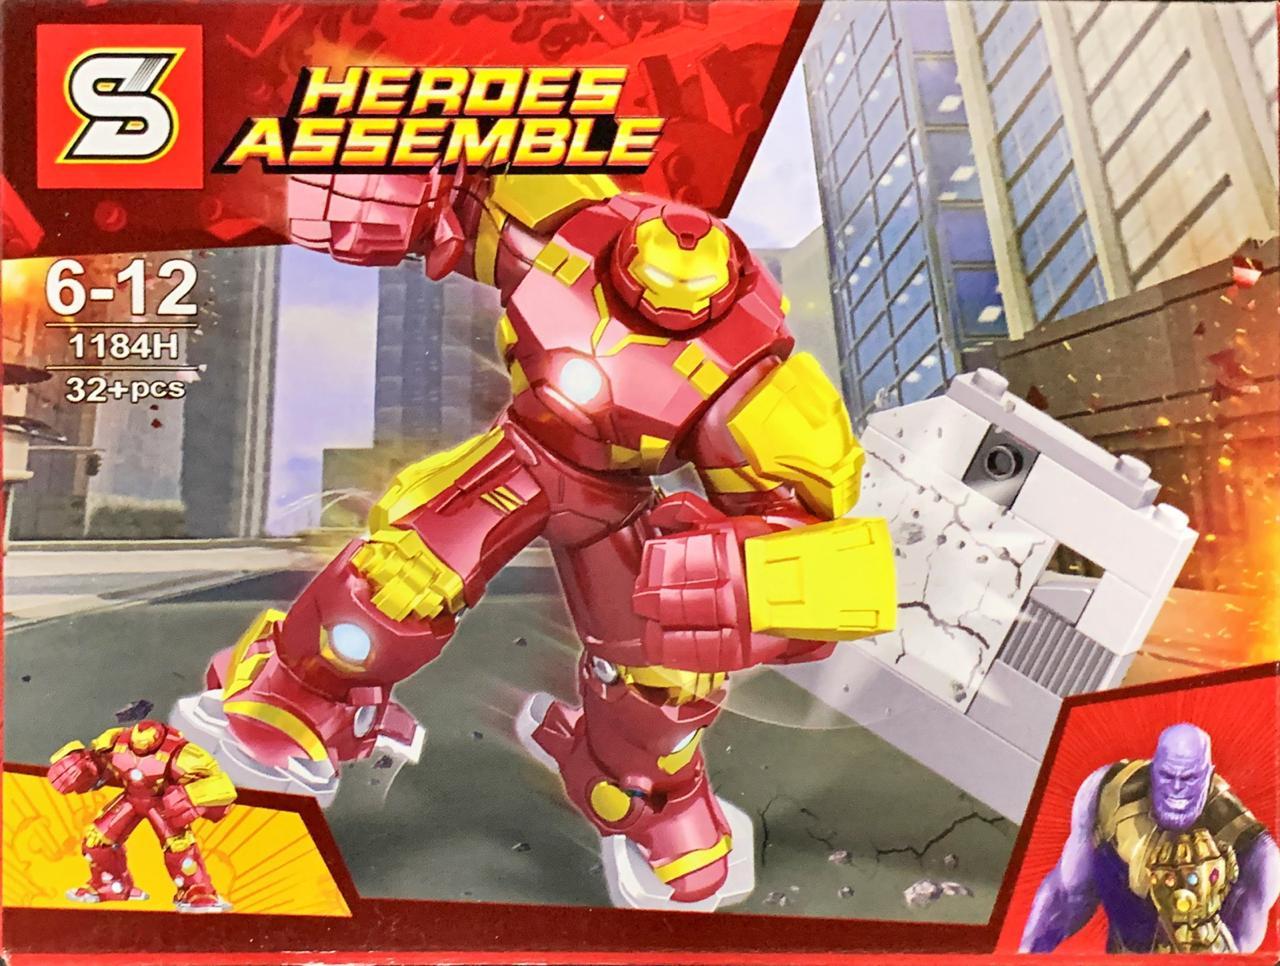 Bloco de Montar Heroes Assemble: Hulkbuster (1184H) - (58 Peças)